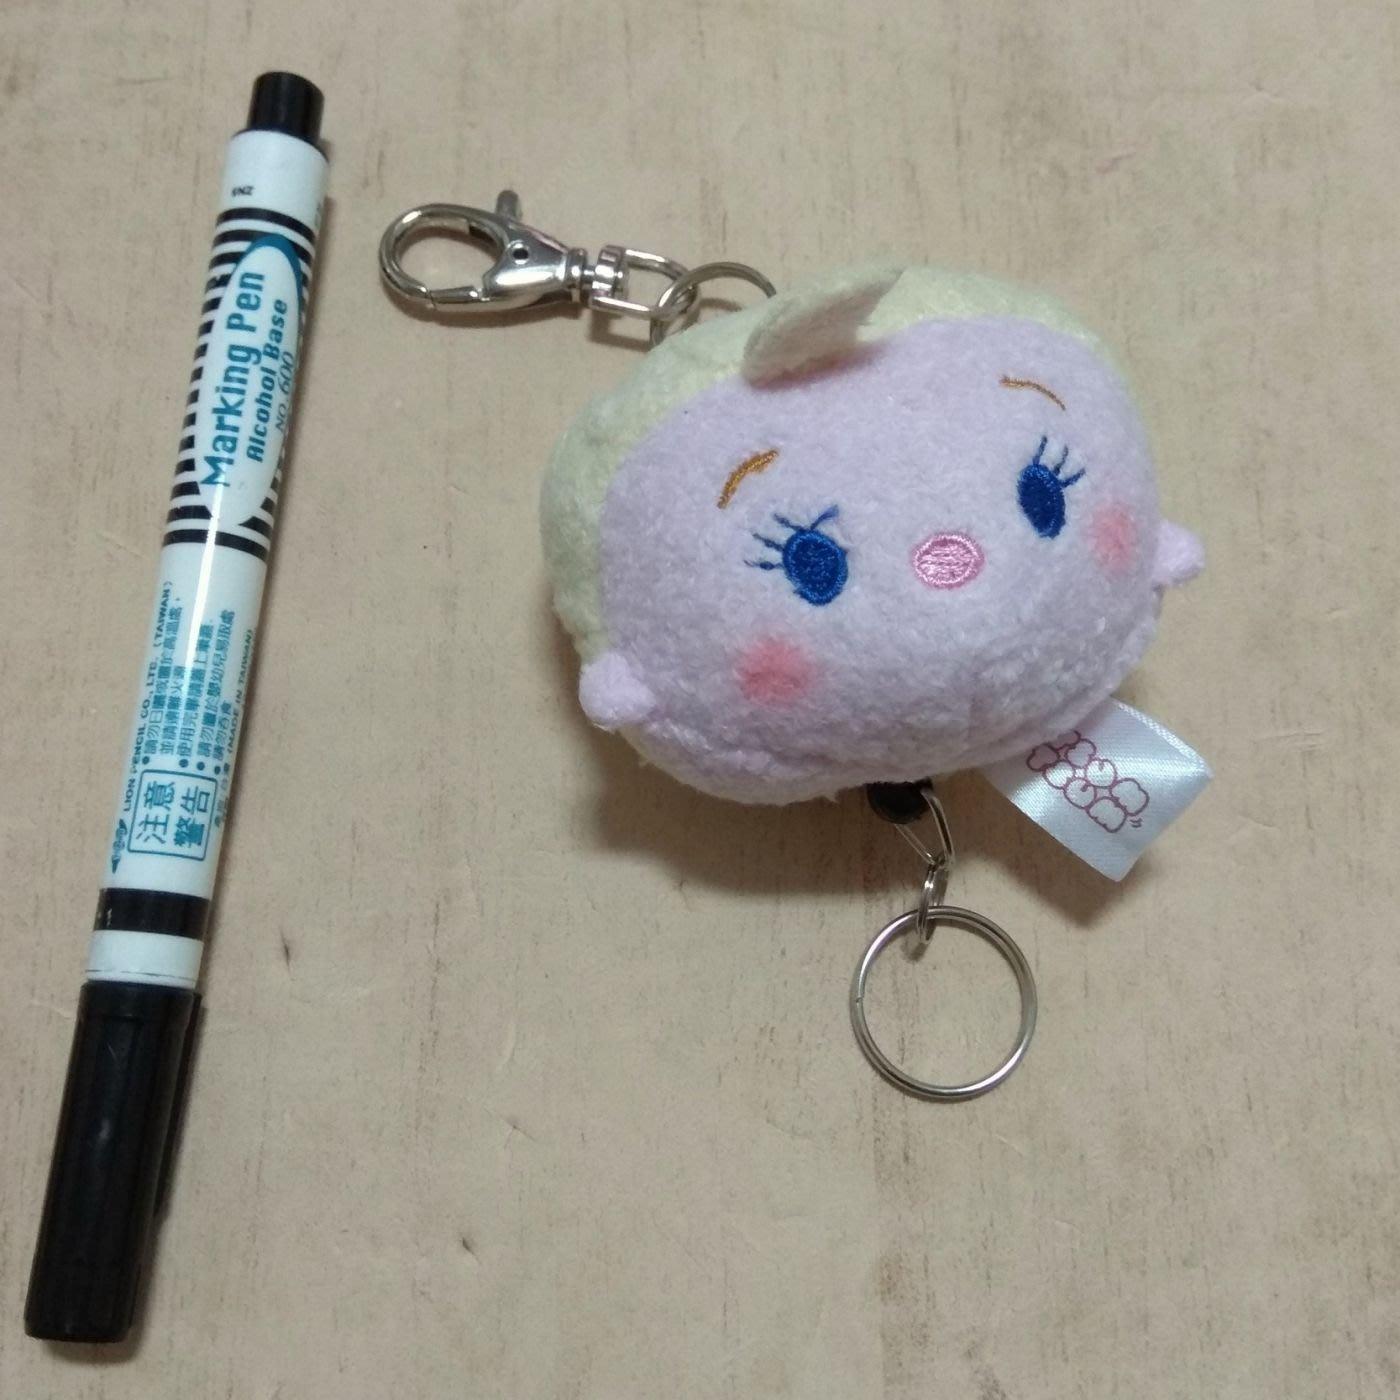 迪士尼 Tsum tsum 冰雪奇緣 娃娃 玩偶 伸縮繩 吊飾